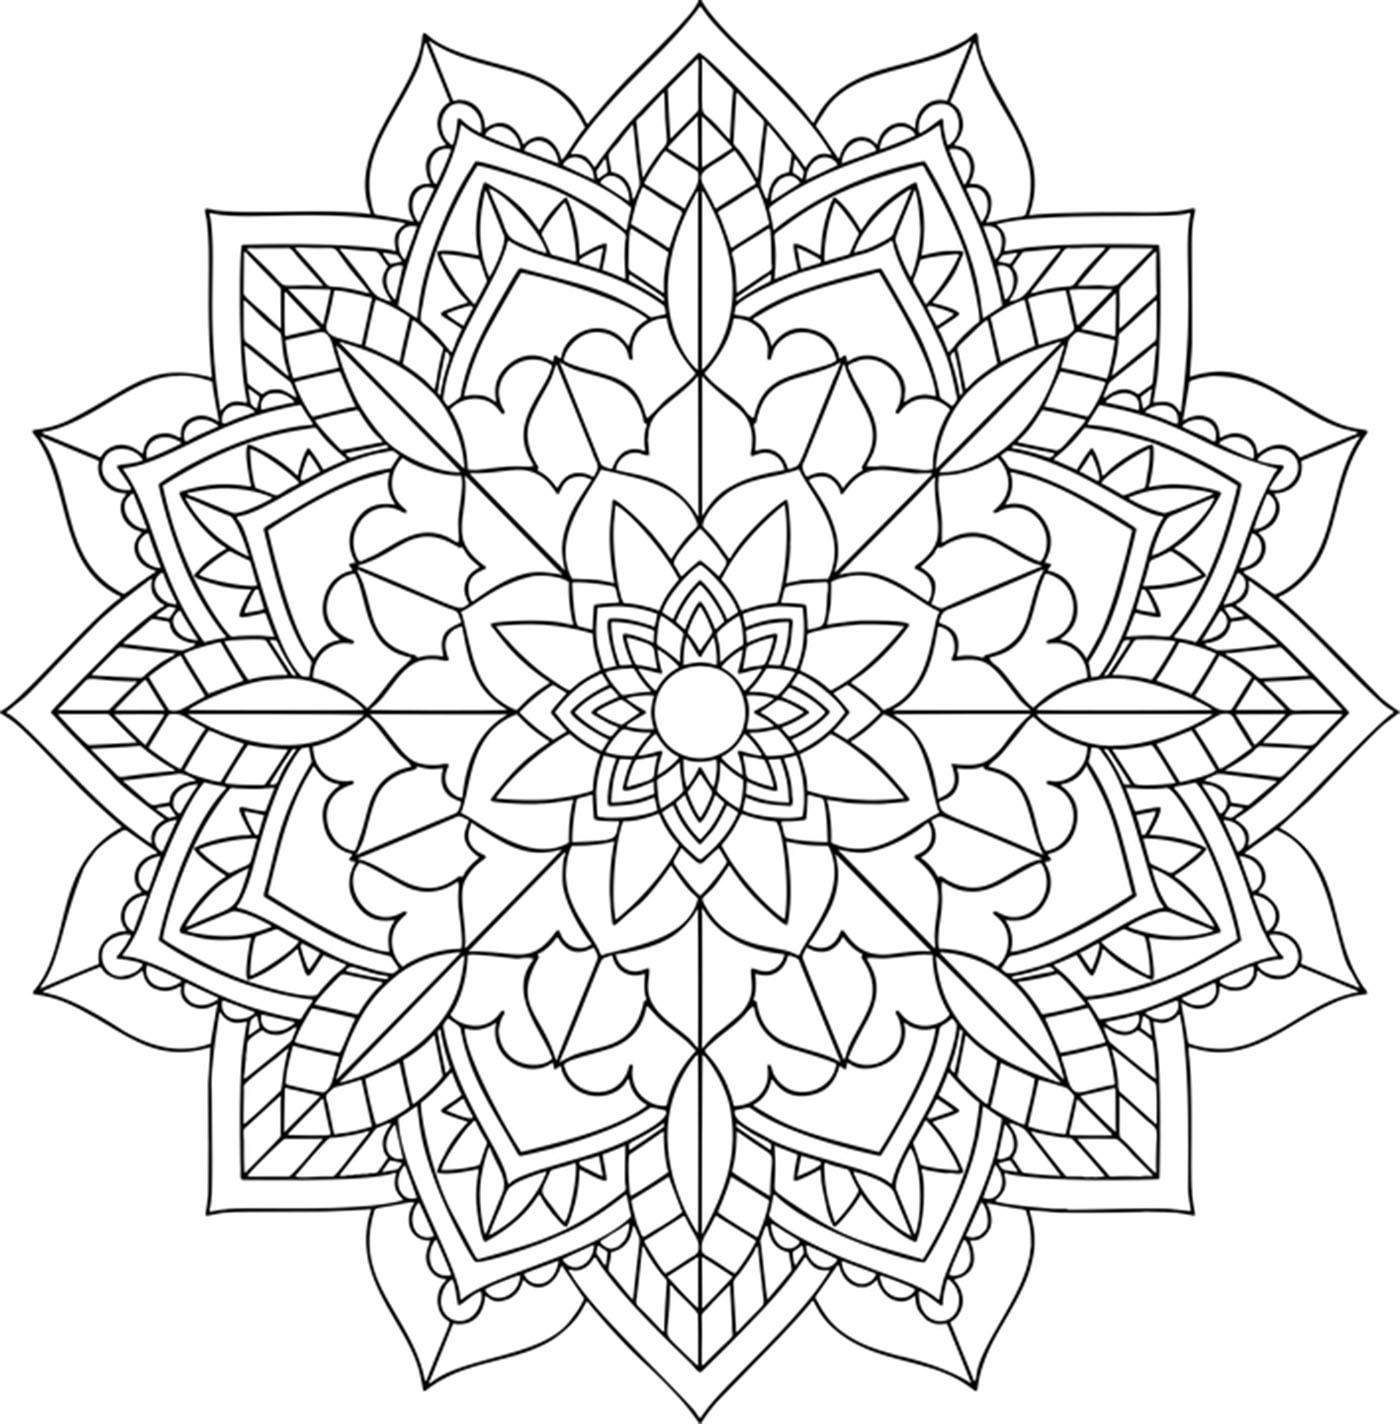 Disegni da Colorare per Adulti : Mandalas - 3